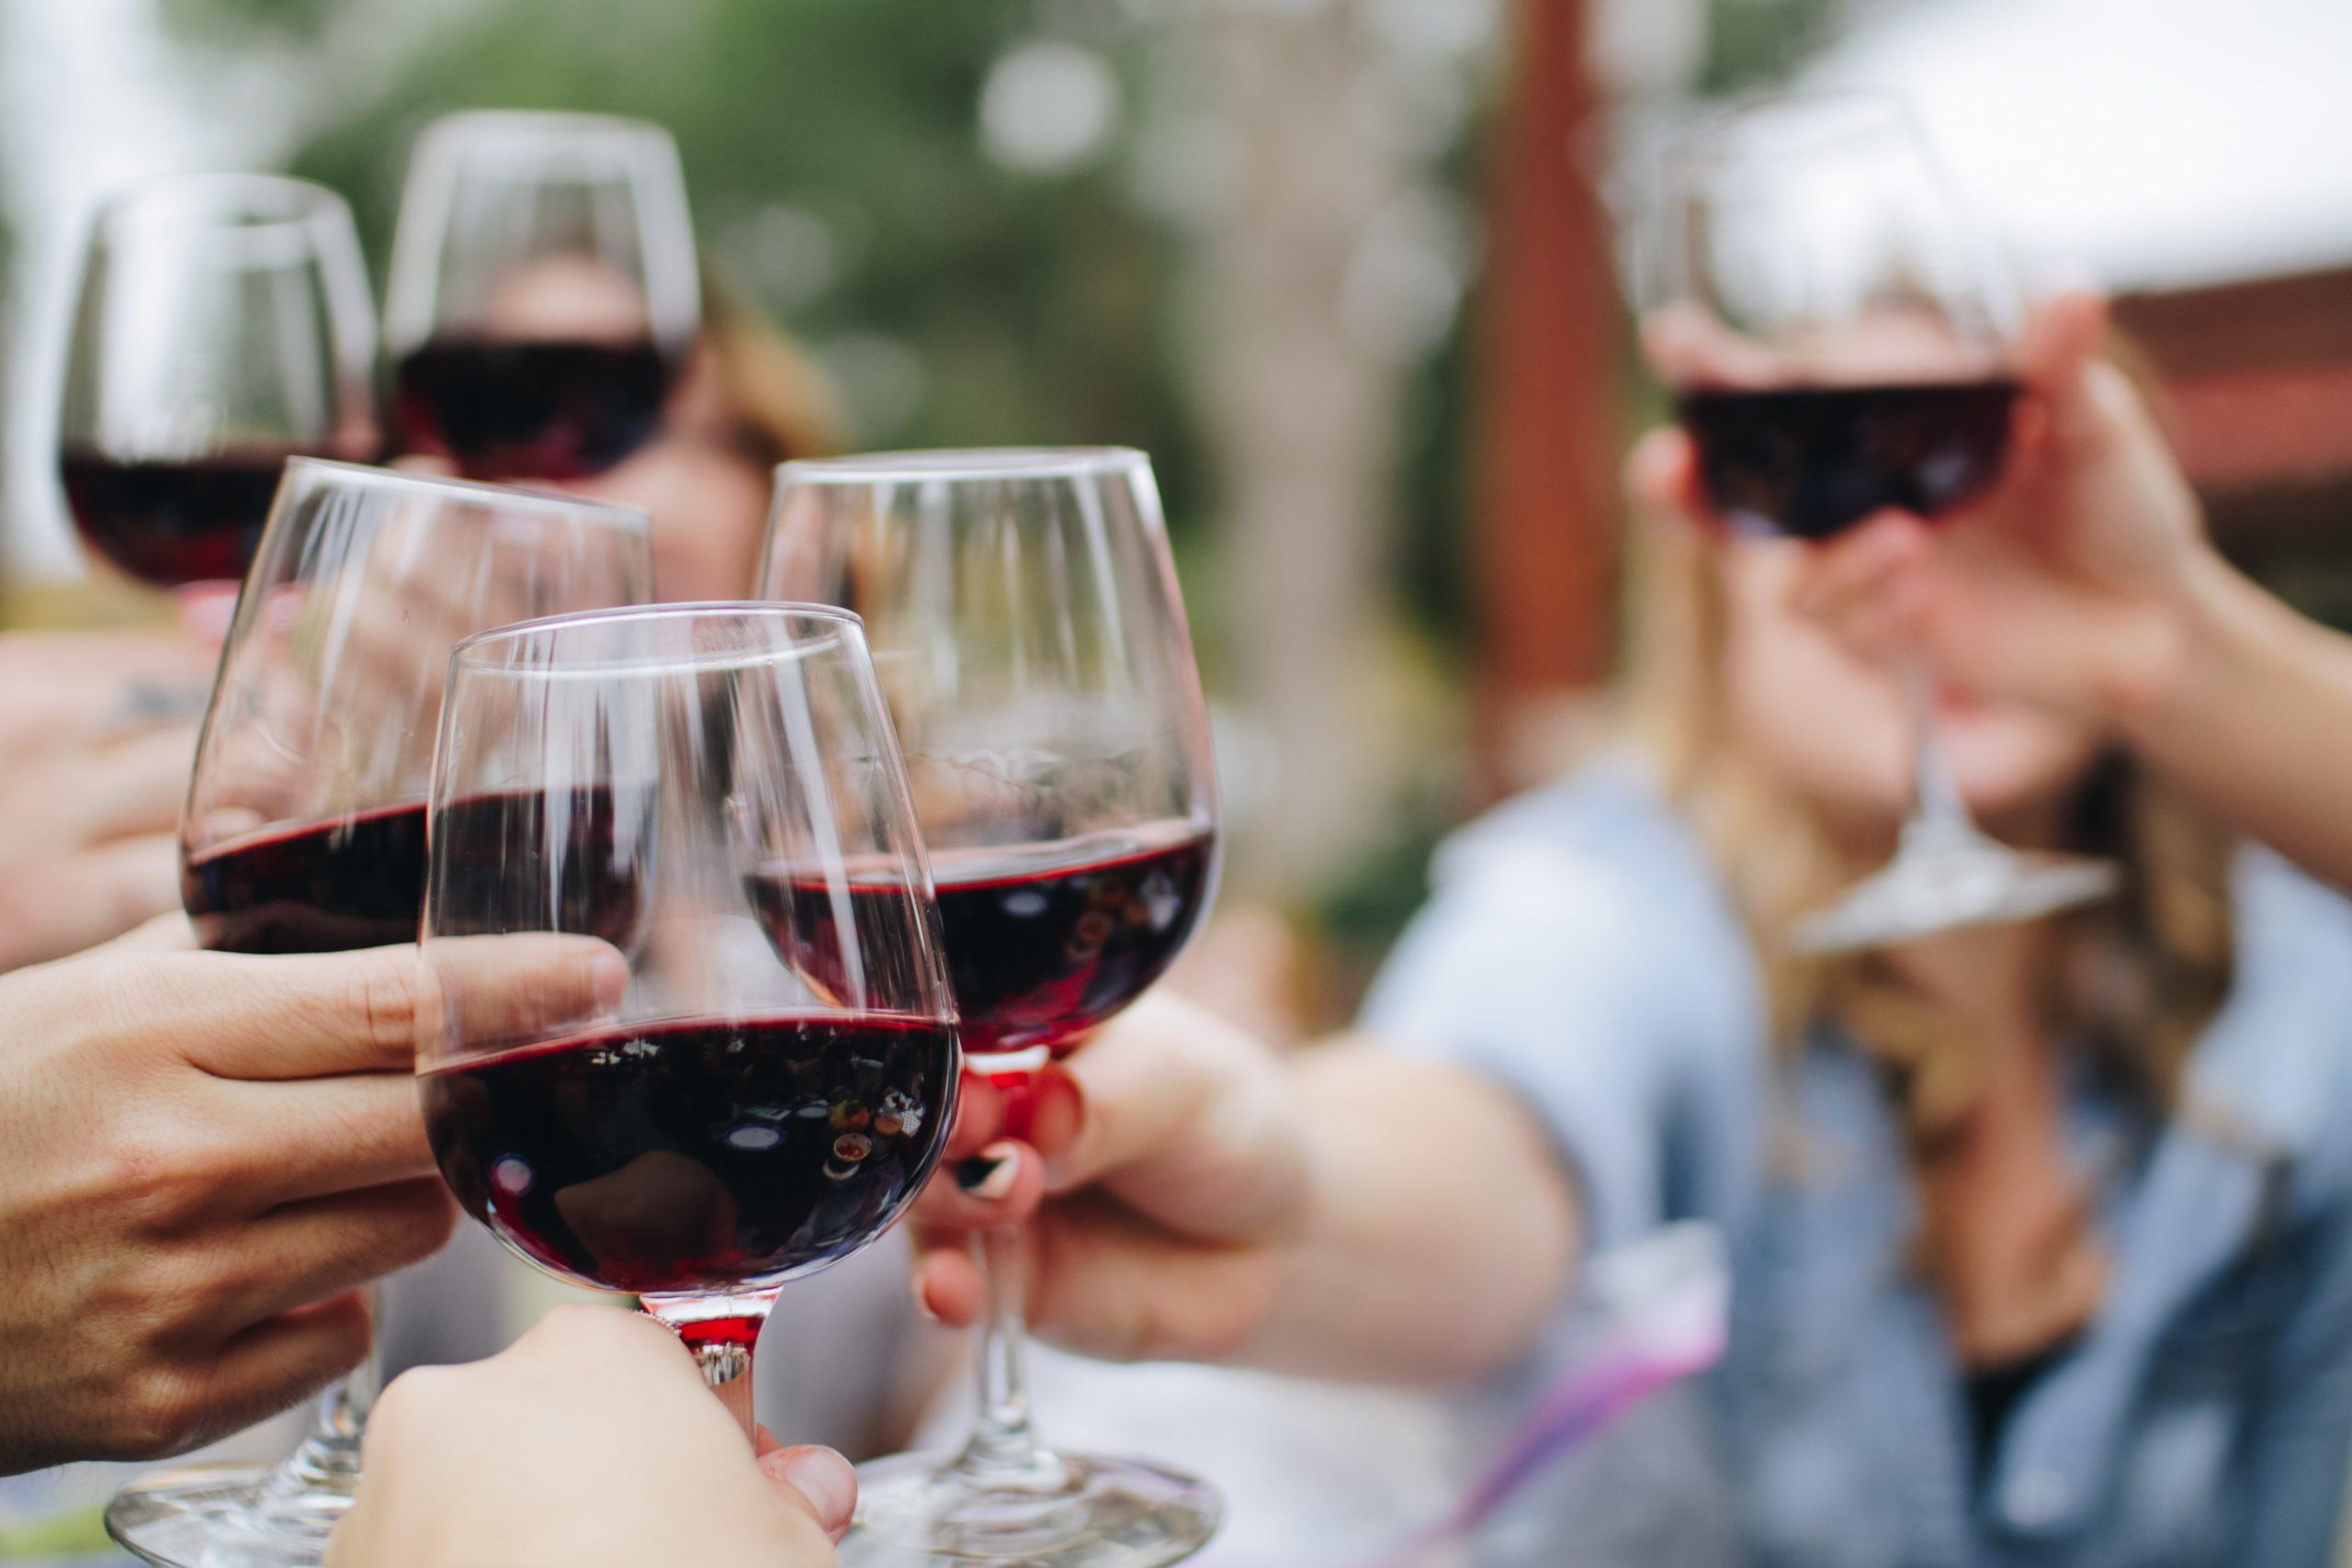 Har du styr på vin til weekendens middag?